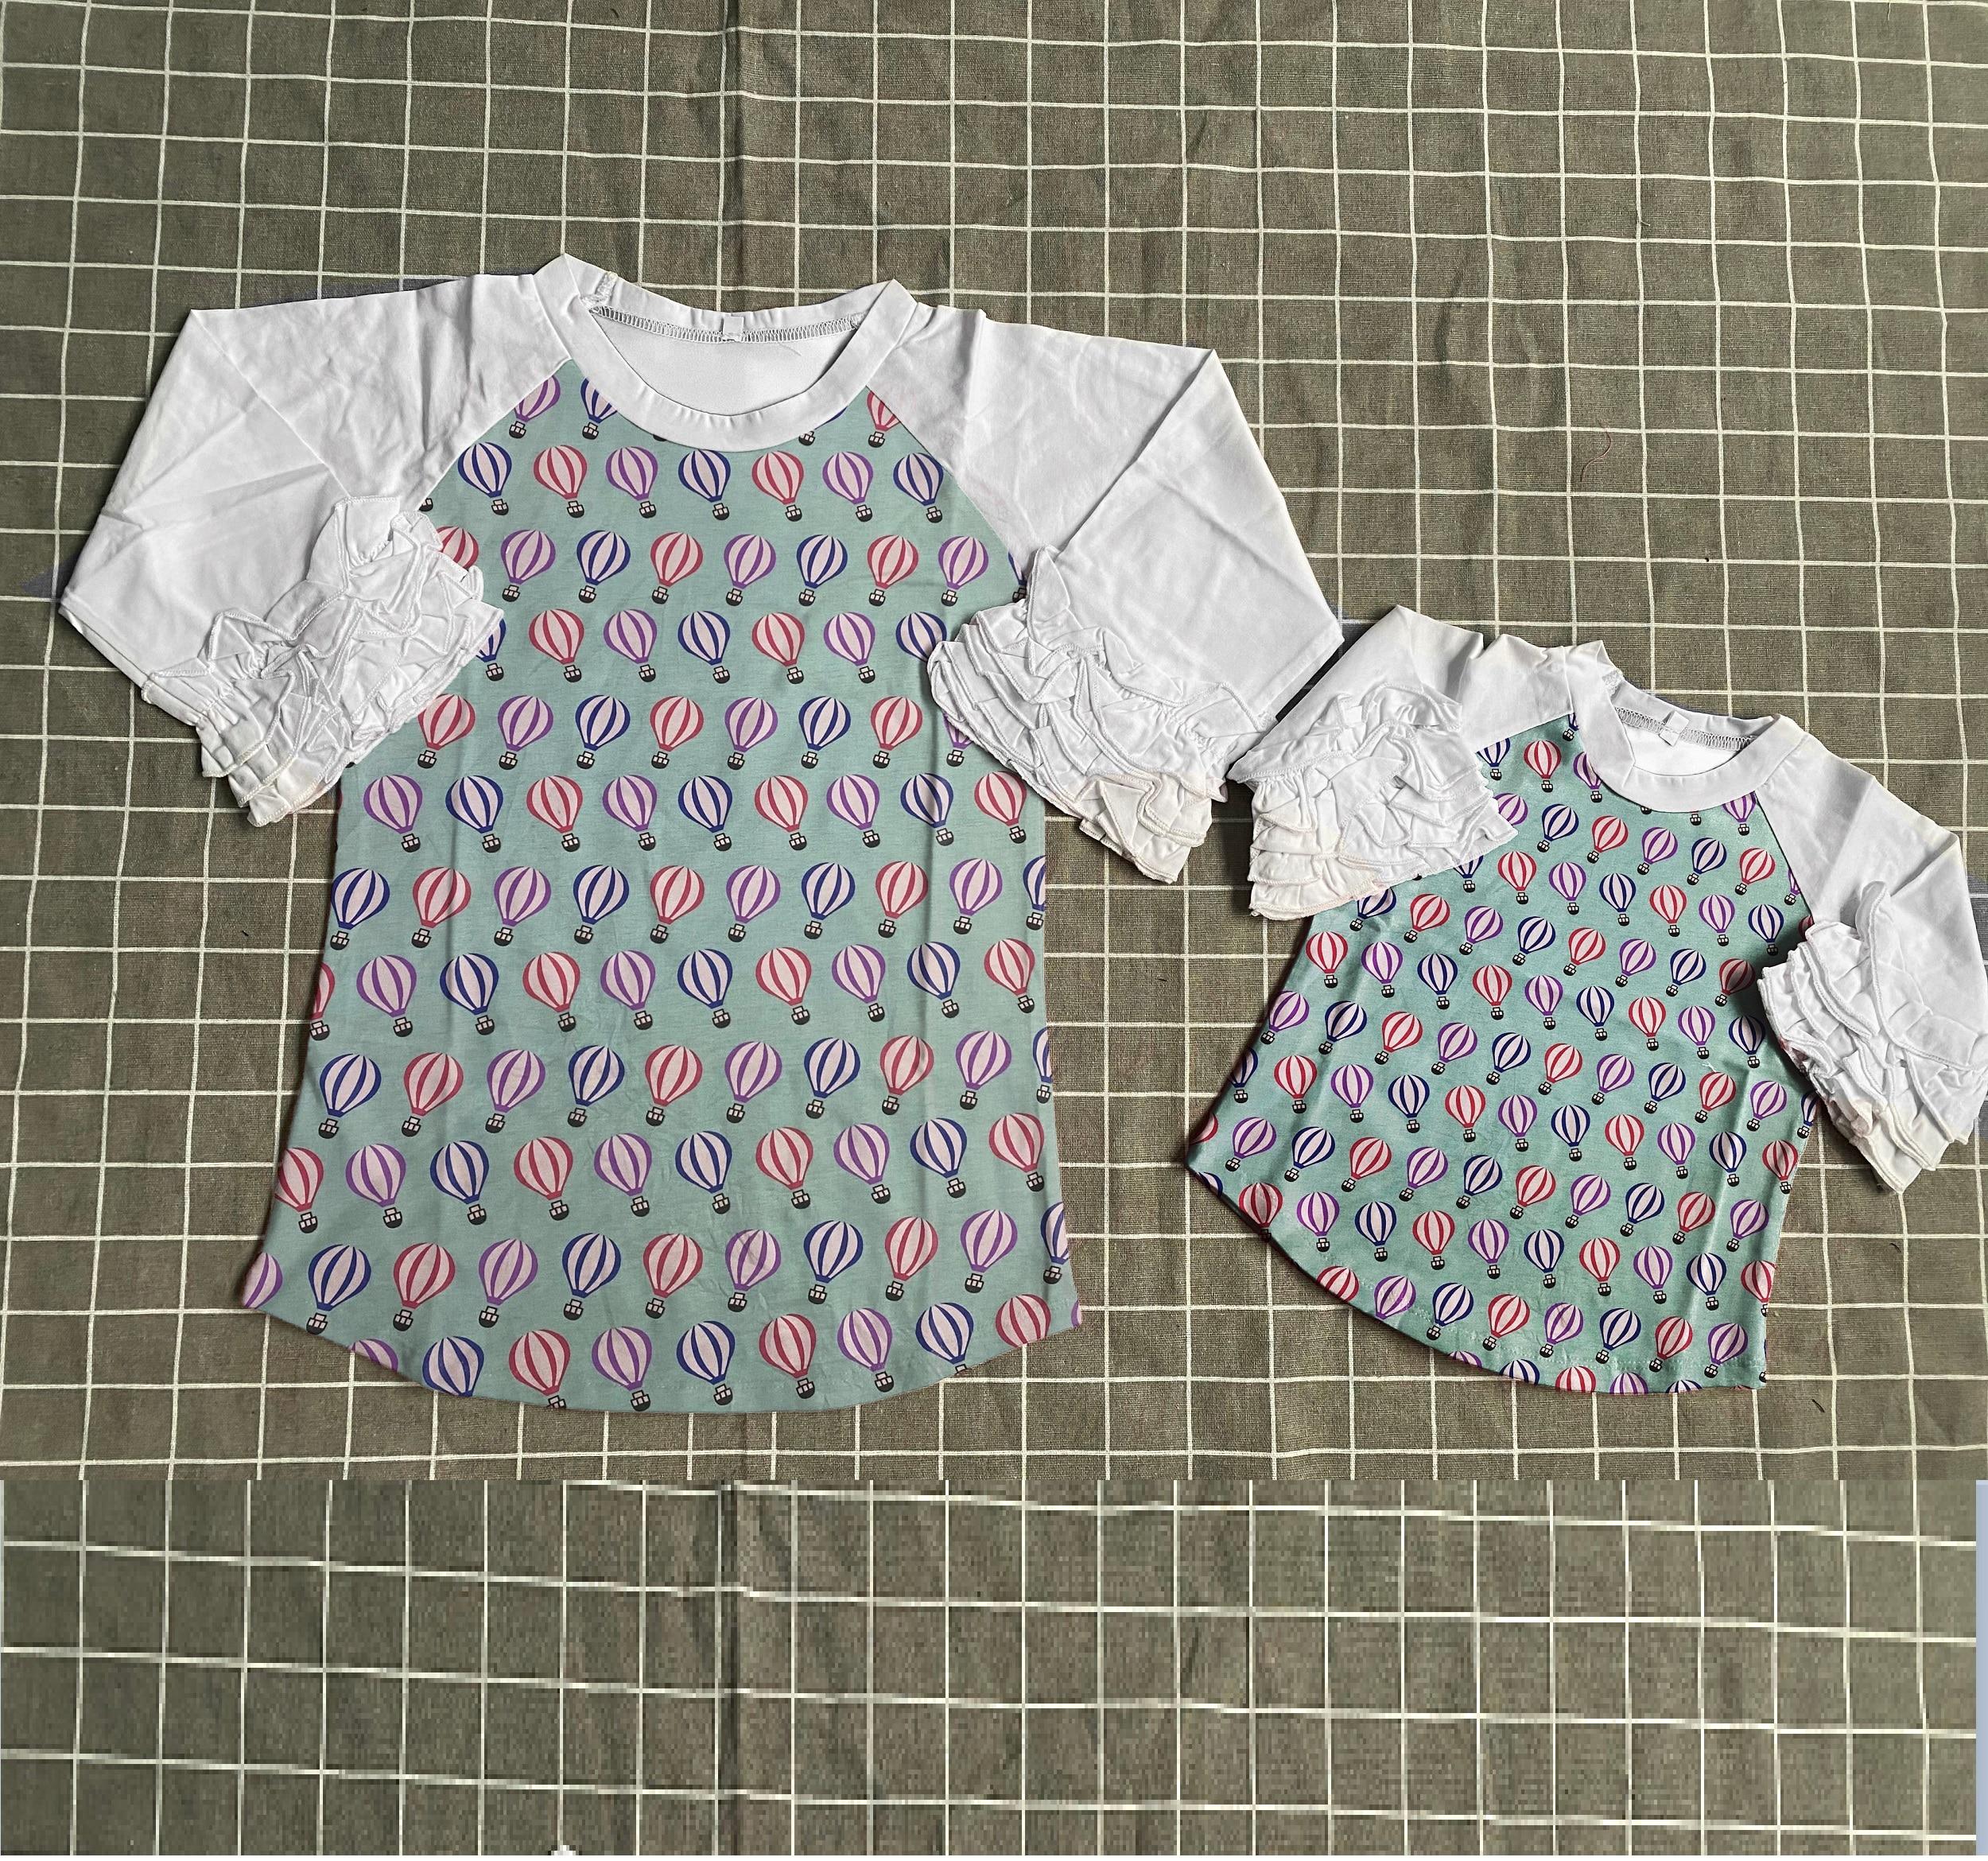 V-days الربيع/الشتاء طفل الفتيات قميص قطني بكم طويل تي شيرت كامل الأم وأنا بالون raglans الأطفال الملابس الجليد راجلان كم